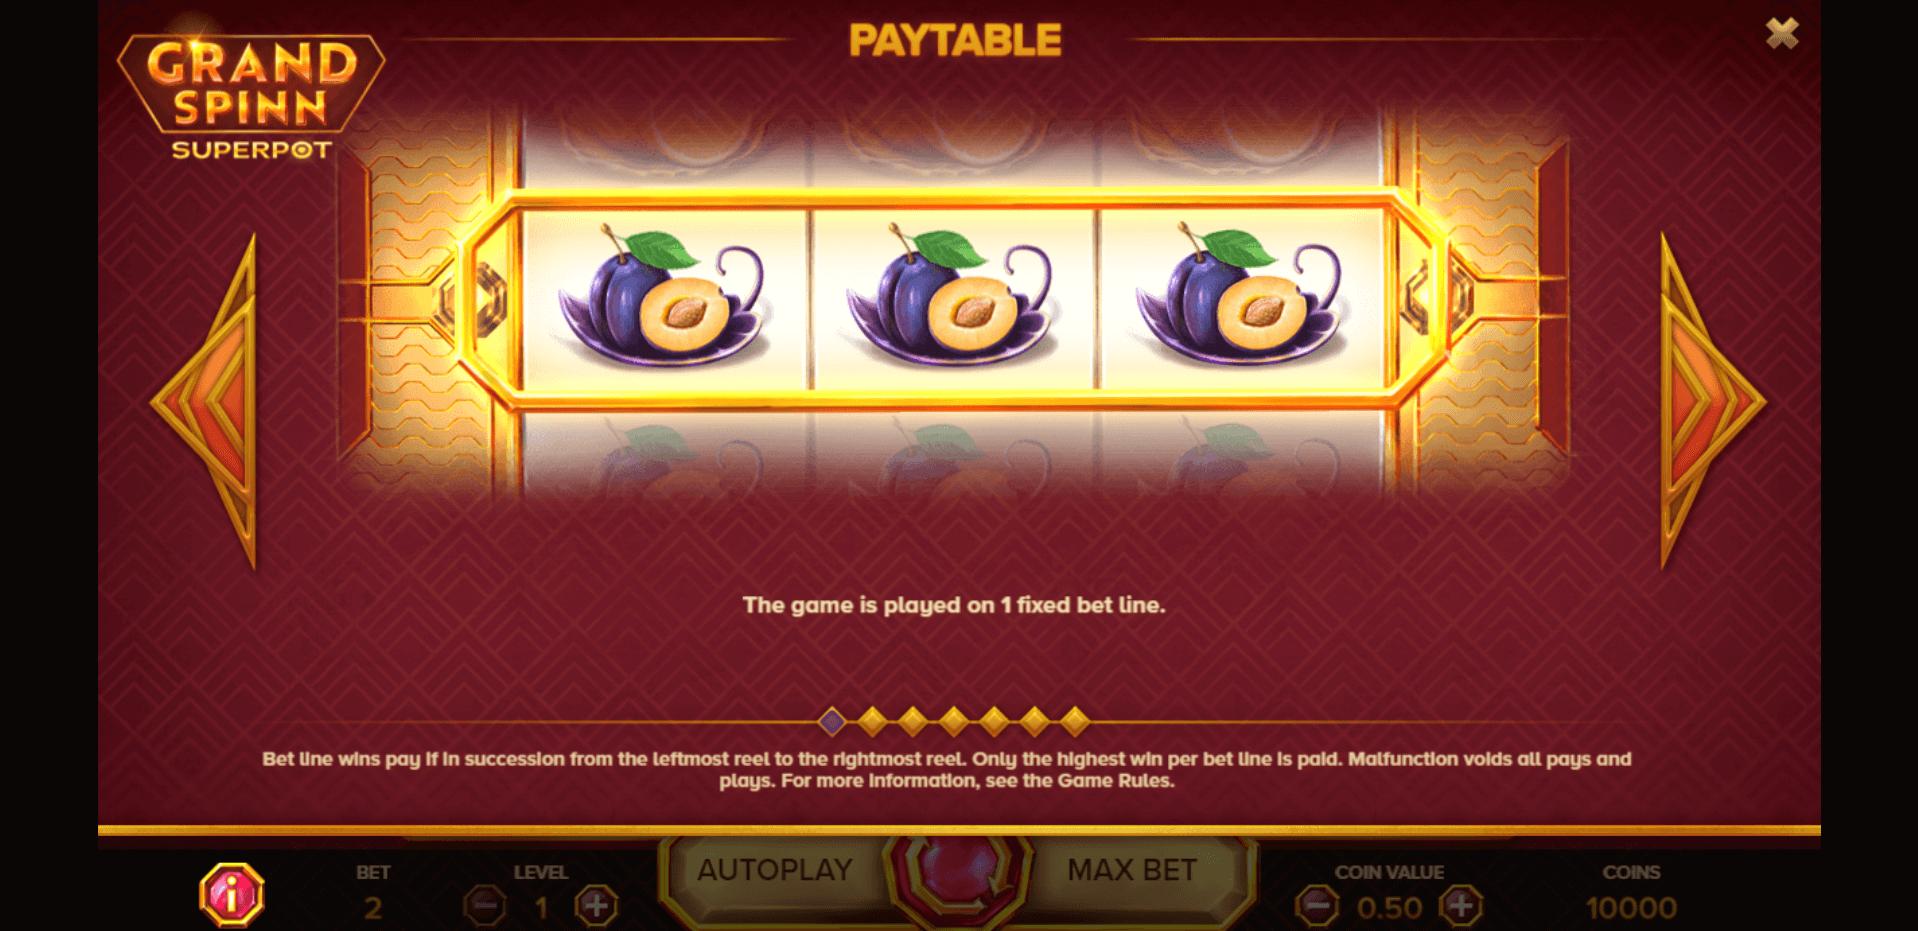 Grand Spinn Superpot Slot Machine